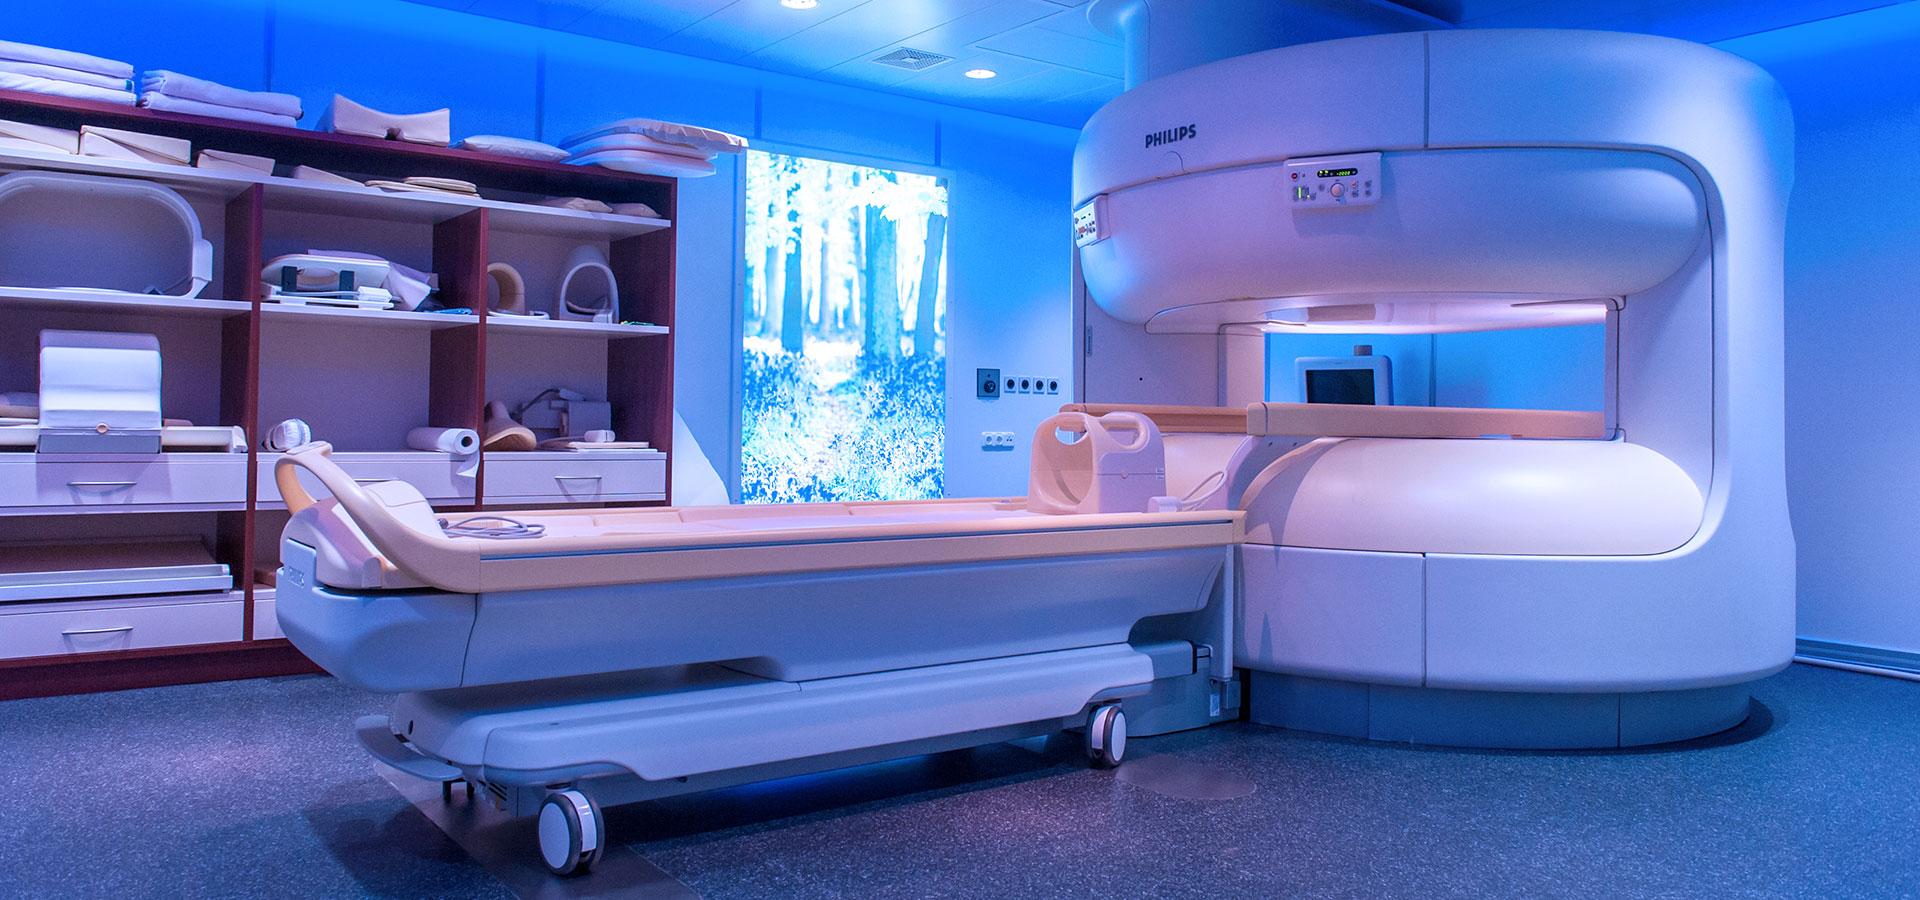 Magnet-Resonanz-Tomographie | Brustzentrum Passau